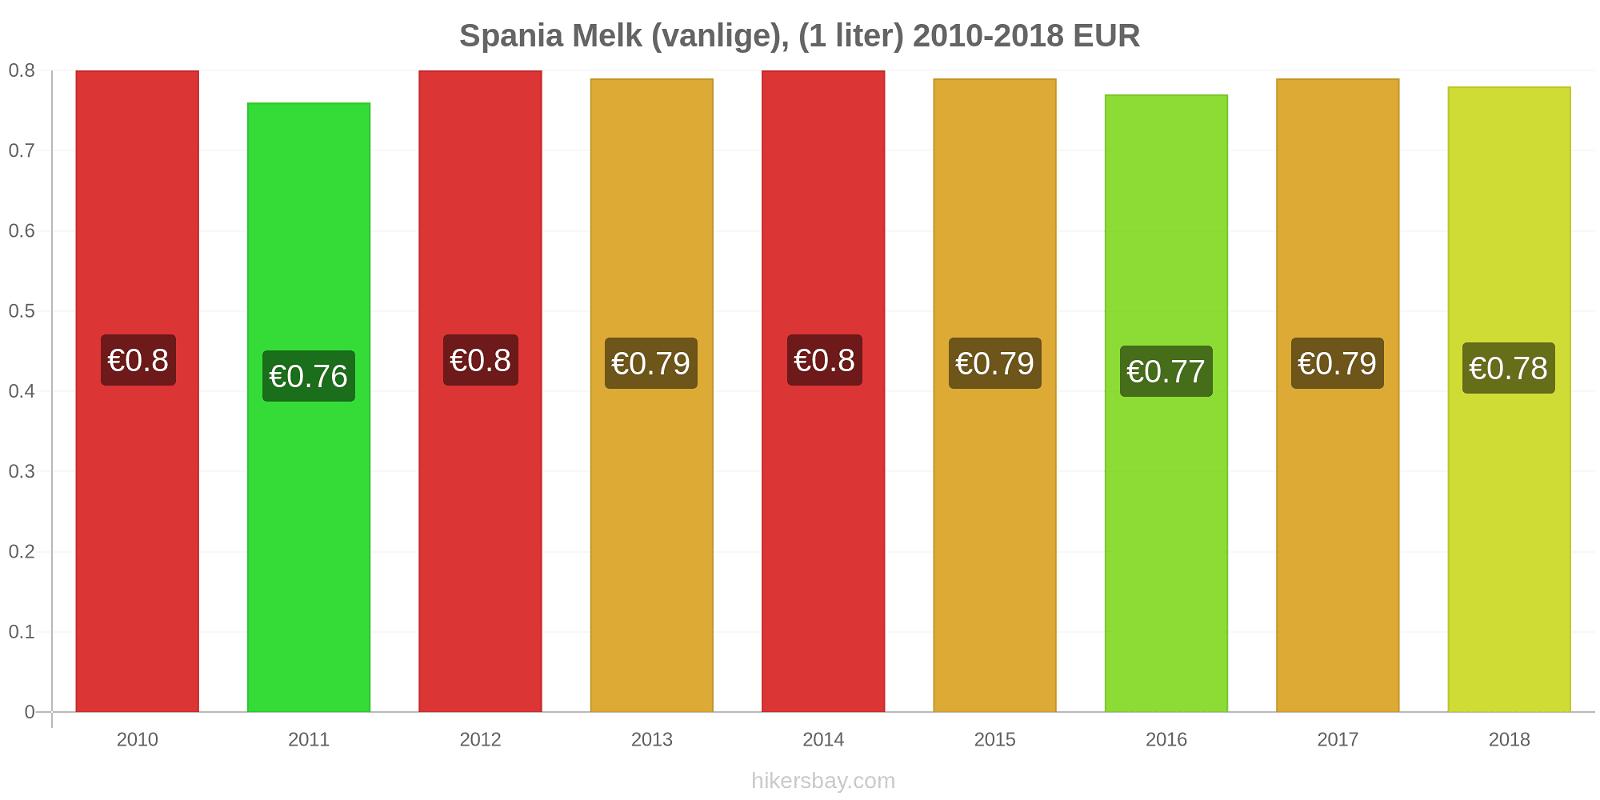 Spania prisendringer Melk (vanlige), (1 liter) hikersbay.com